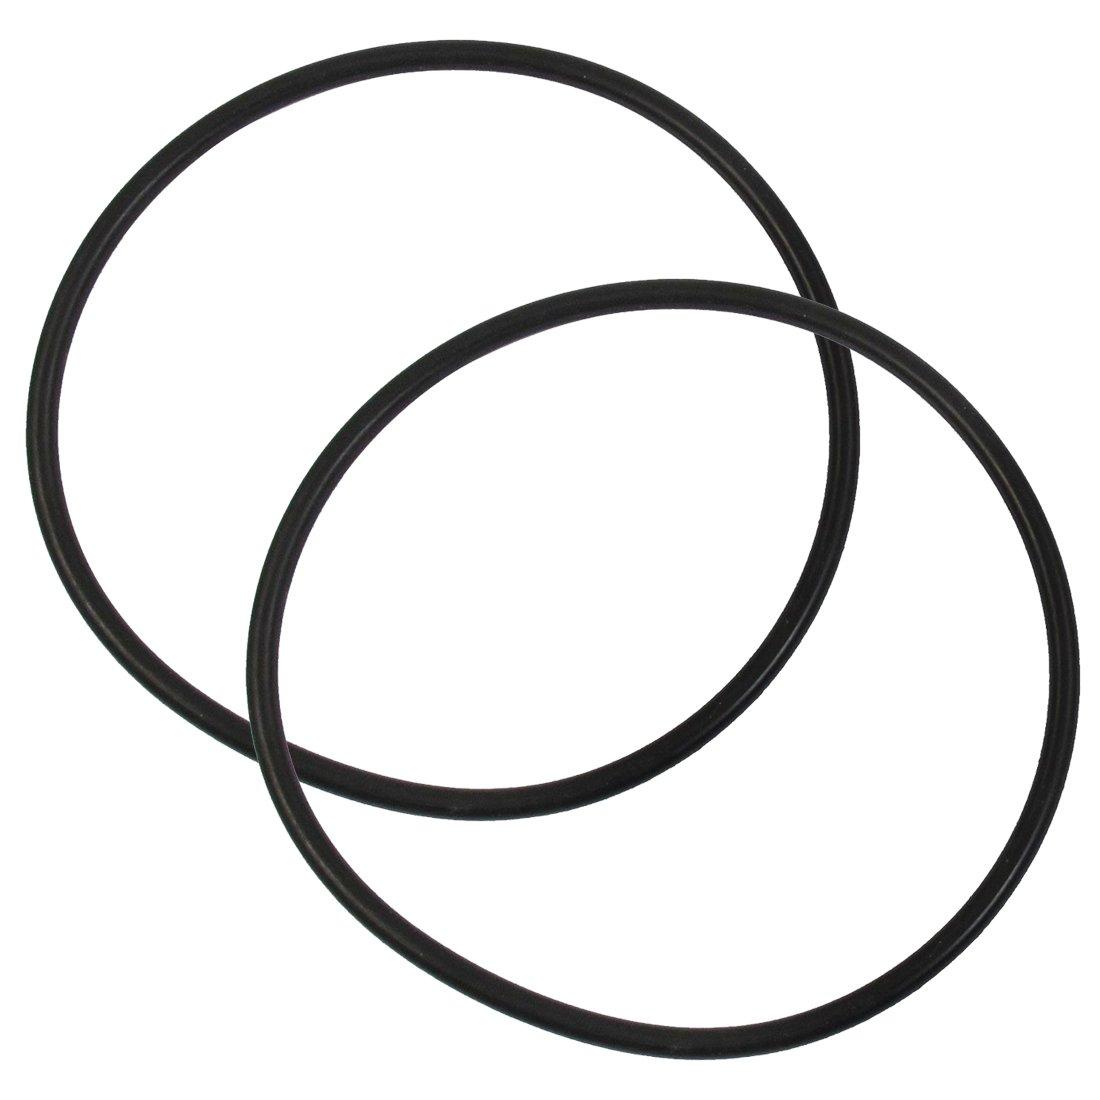 RETYLY 135 mm x 5 mm Gummidichtung oelfilter O-Ringe Dichtungen Schwarz